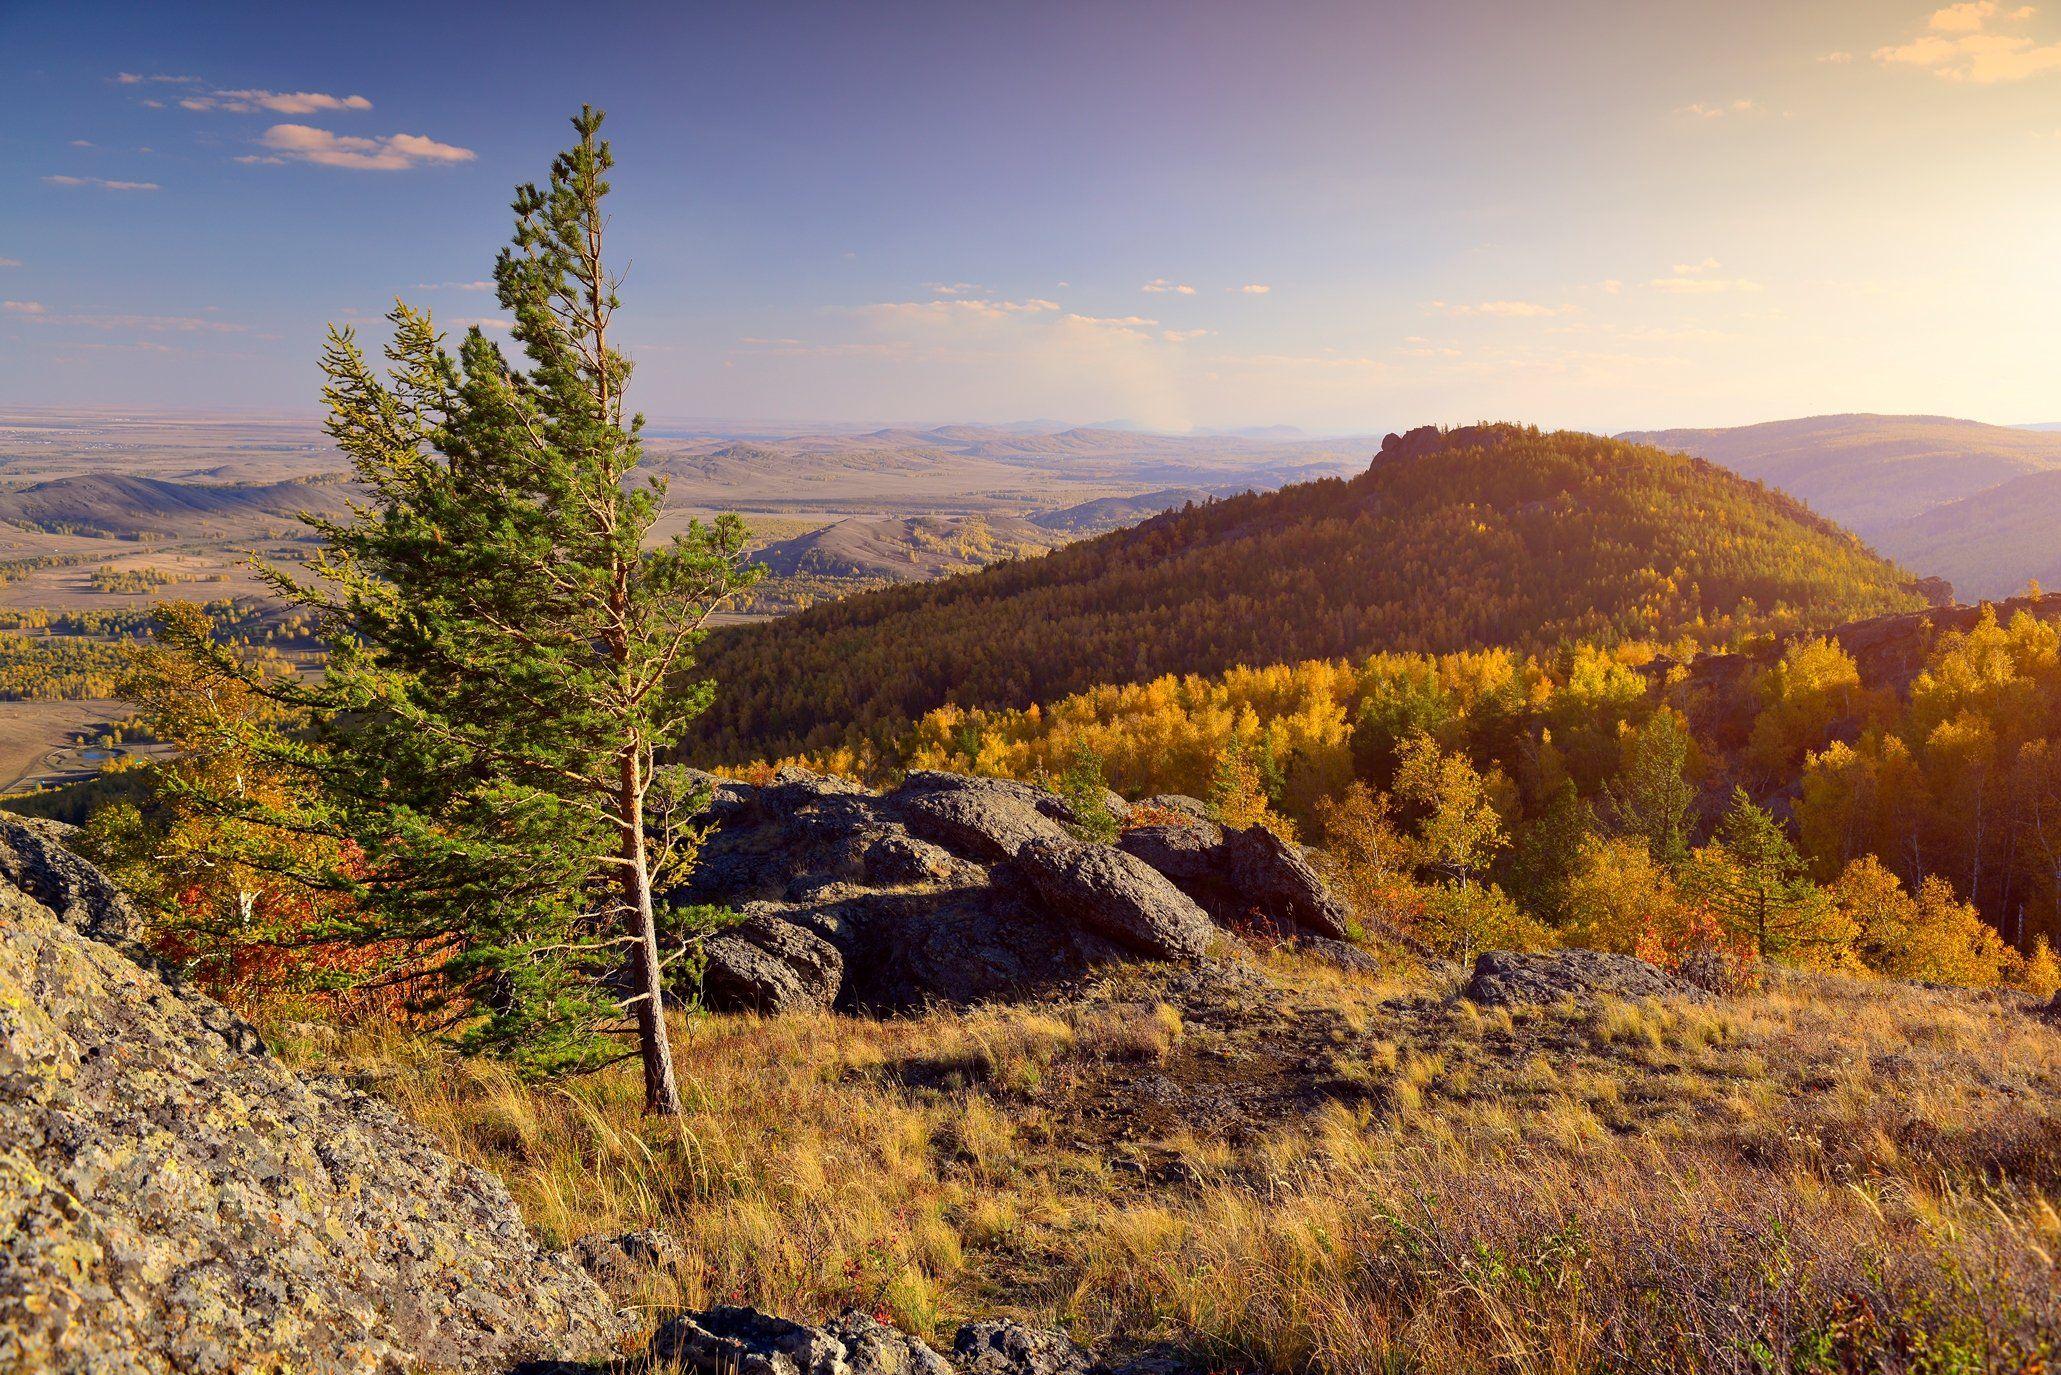 горы, осень, природа, Башкирия, Абзаково, Банное, Алексей Верзун